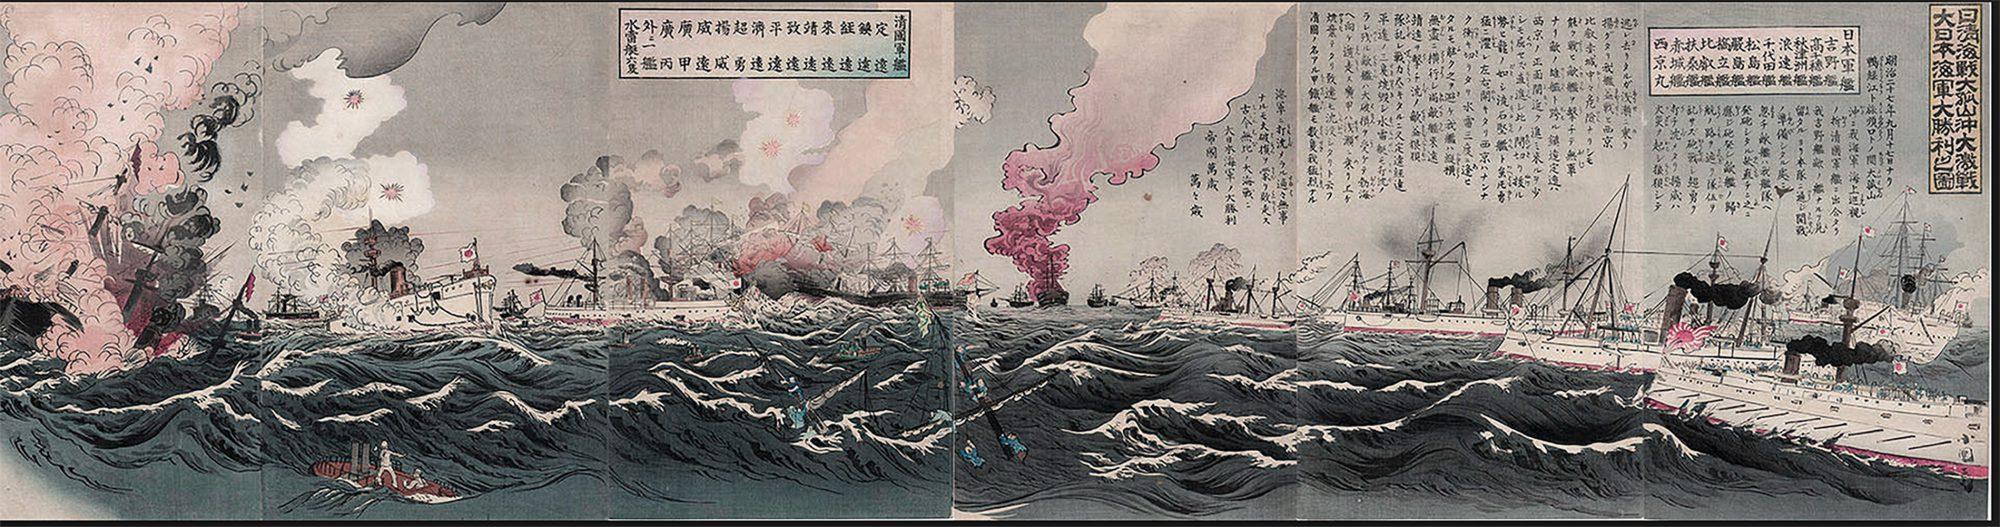 日清海鮮大孤山沖大激戦大日本海軍大勝利之図 Nisshin kaisen Daikôzan oki daigekisen dai Nippon dai shôri no zu .